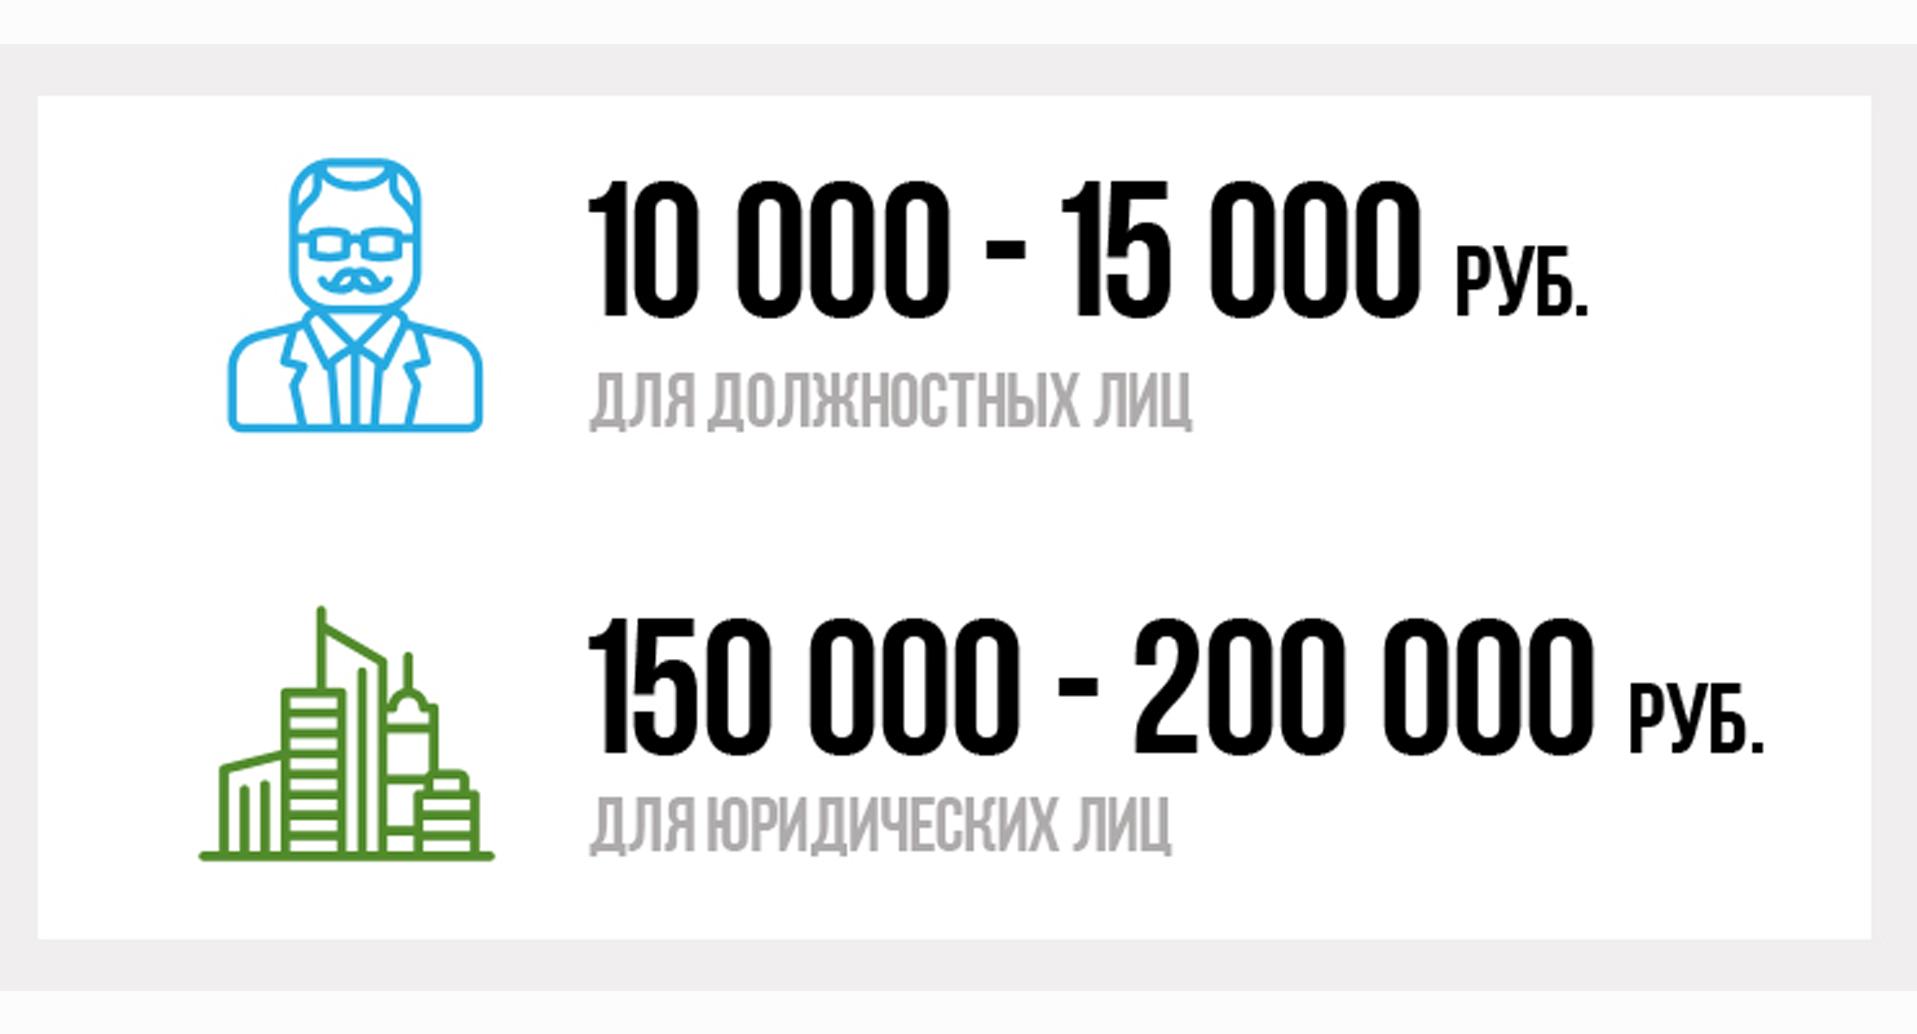 Не подключились к ЕГАИС? Будьте готовы заплатить до 150–200 тыс. руб. от компании и 15 тыс. руб. от физического лица